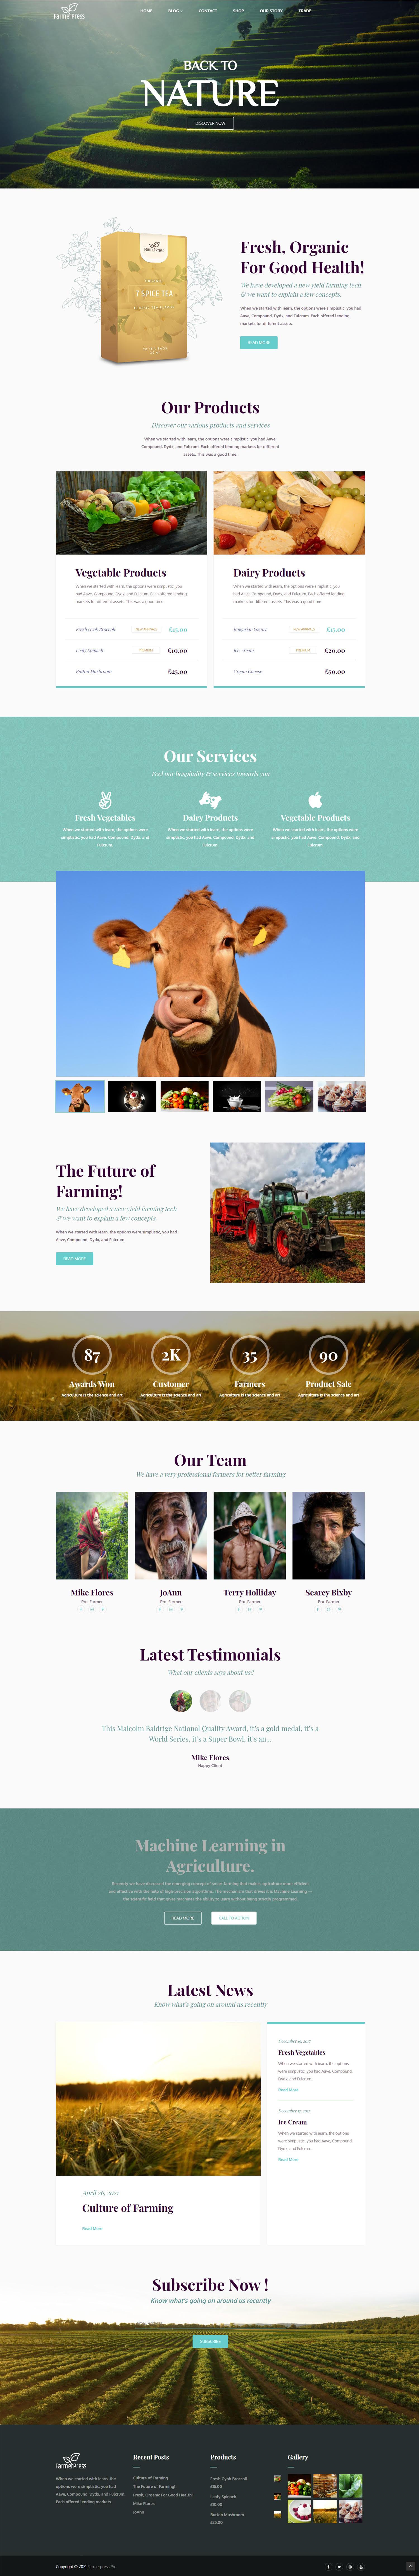 Farmerpress Pro